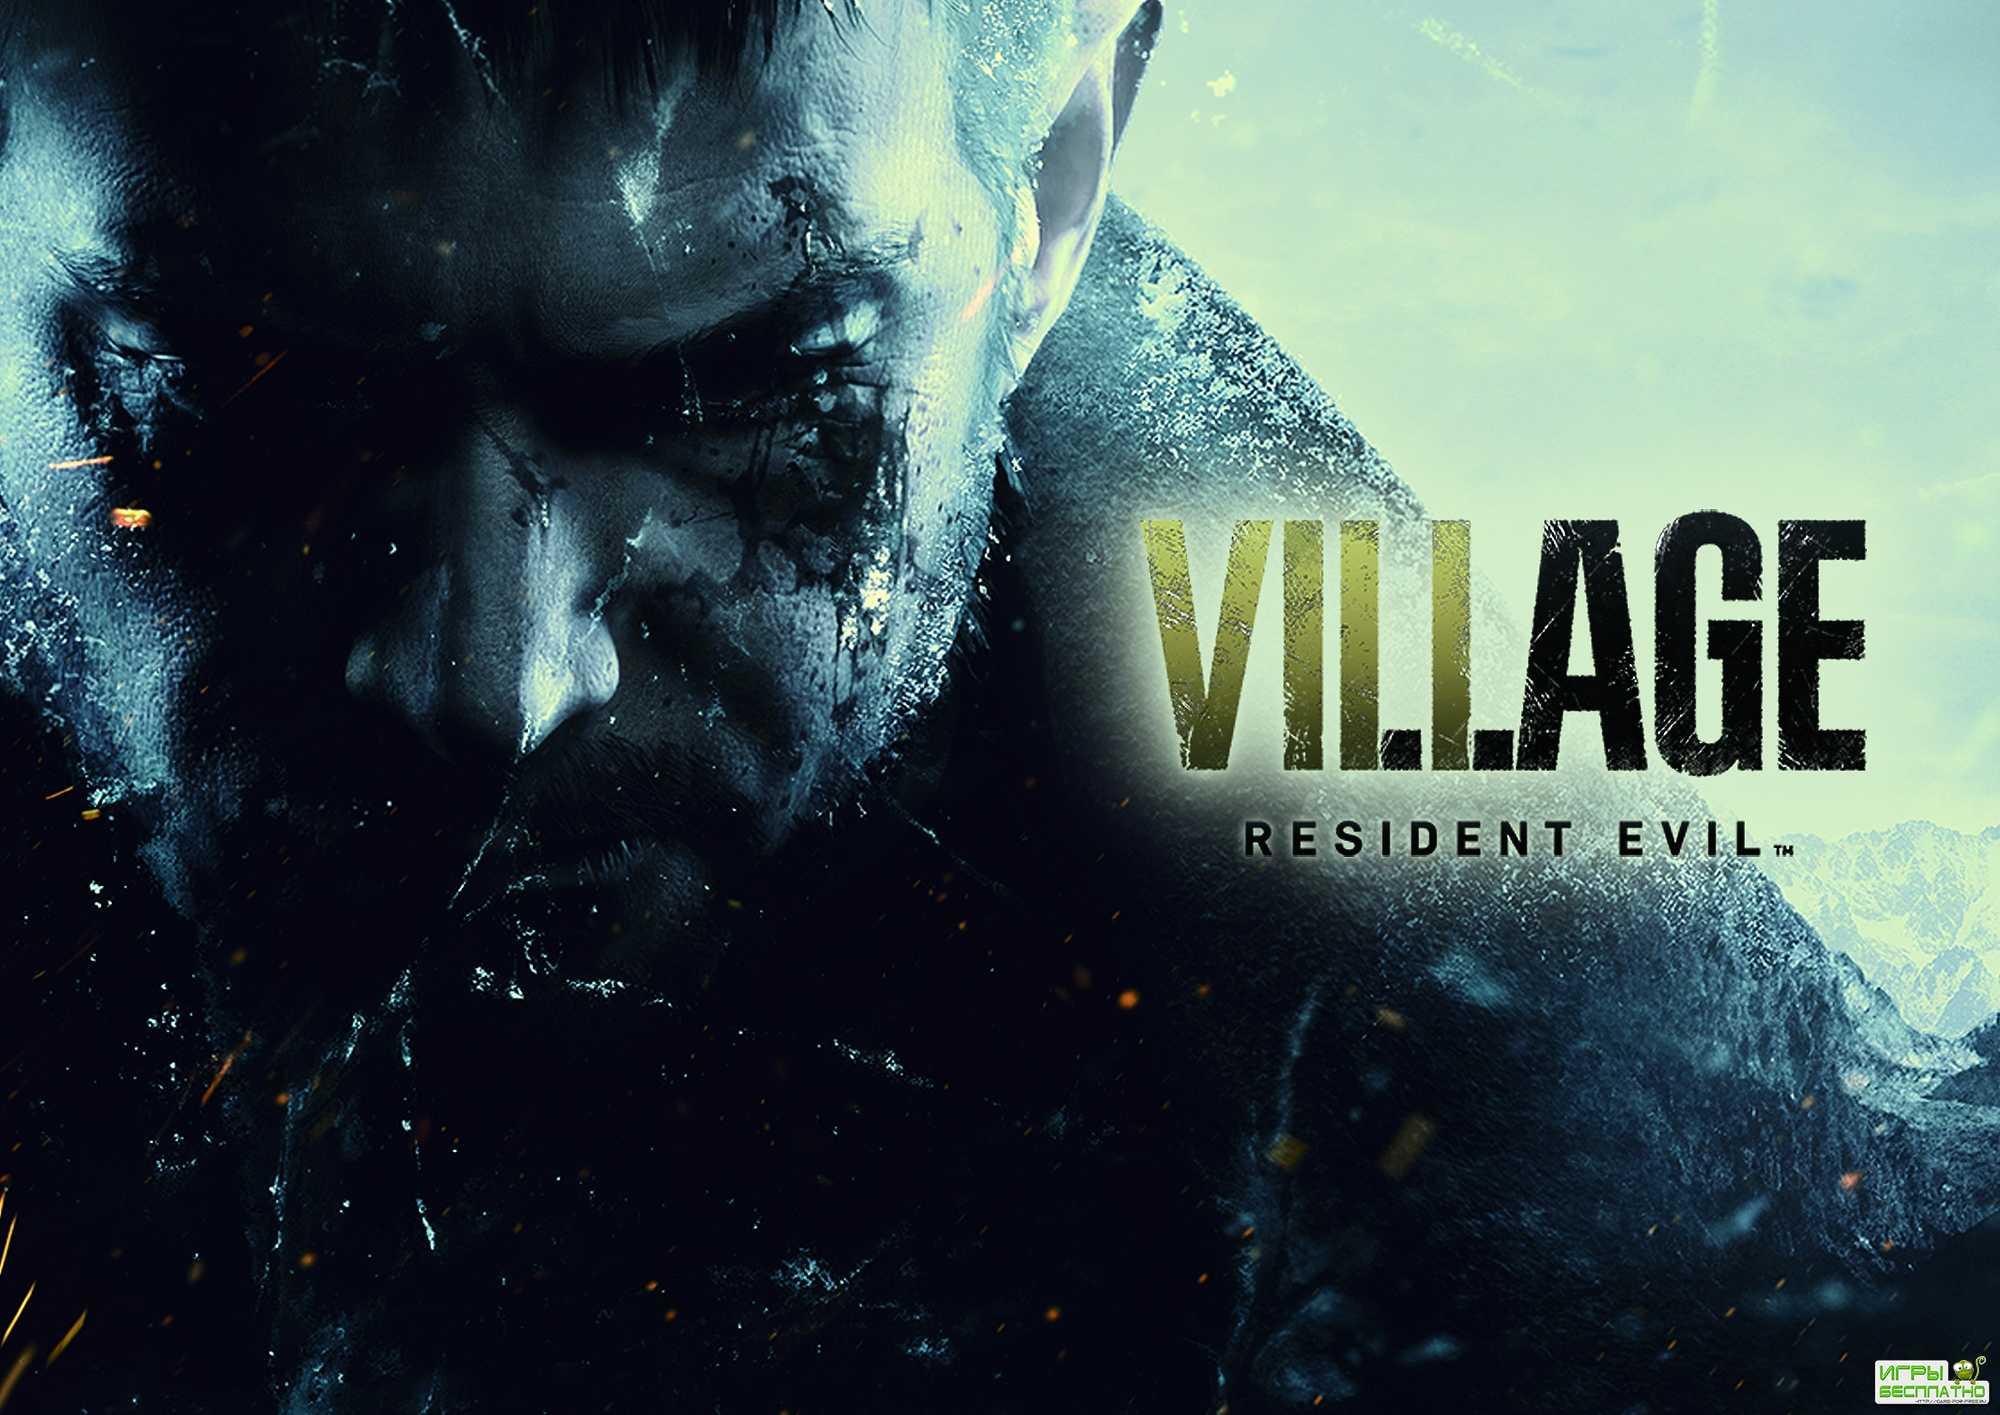 Инсайдер: RE9 продолжит историю Village, но последующие игры серии не будут ...